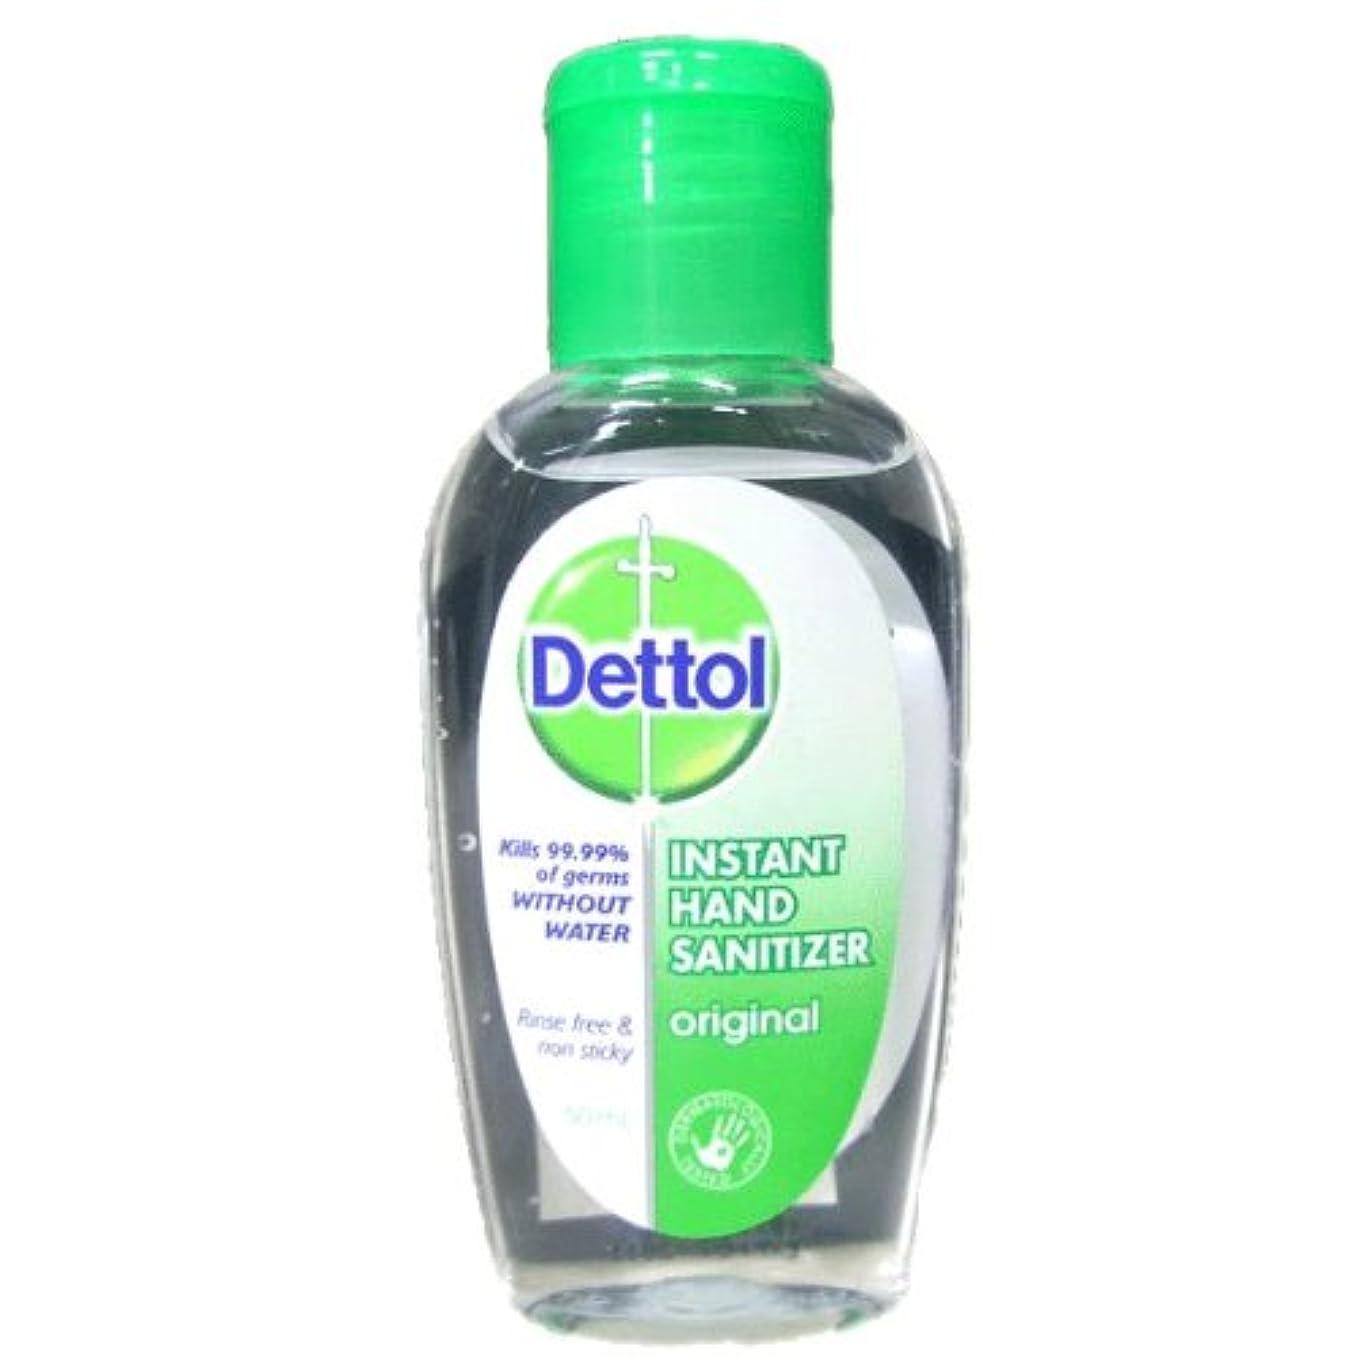 め言葉ランプ屋内Dettol instant hand sanitizer